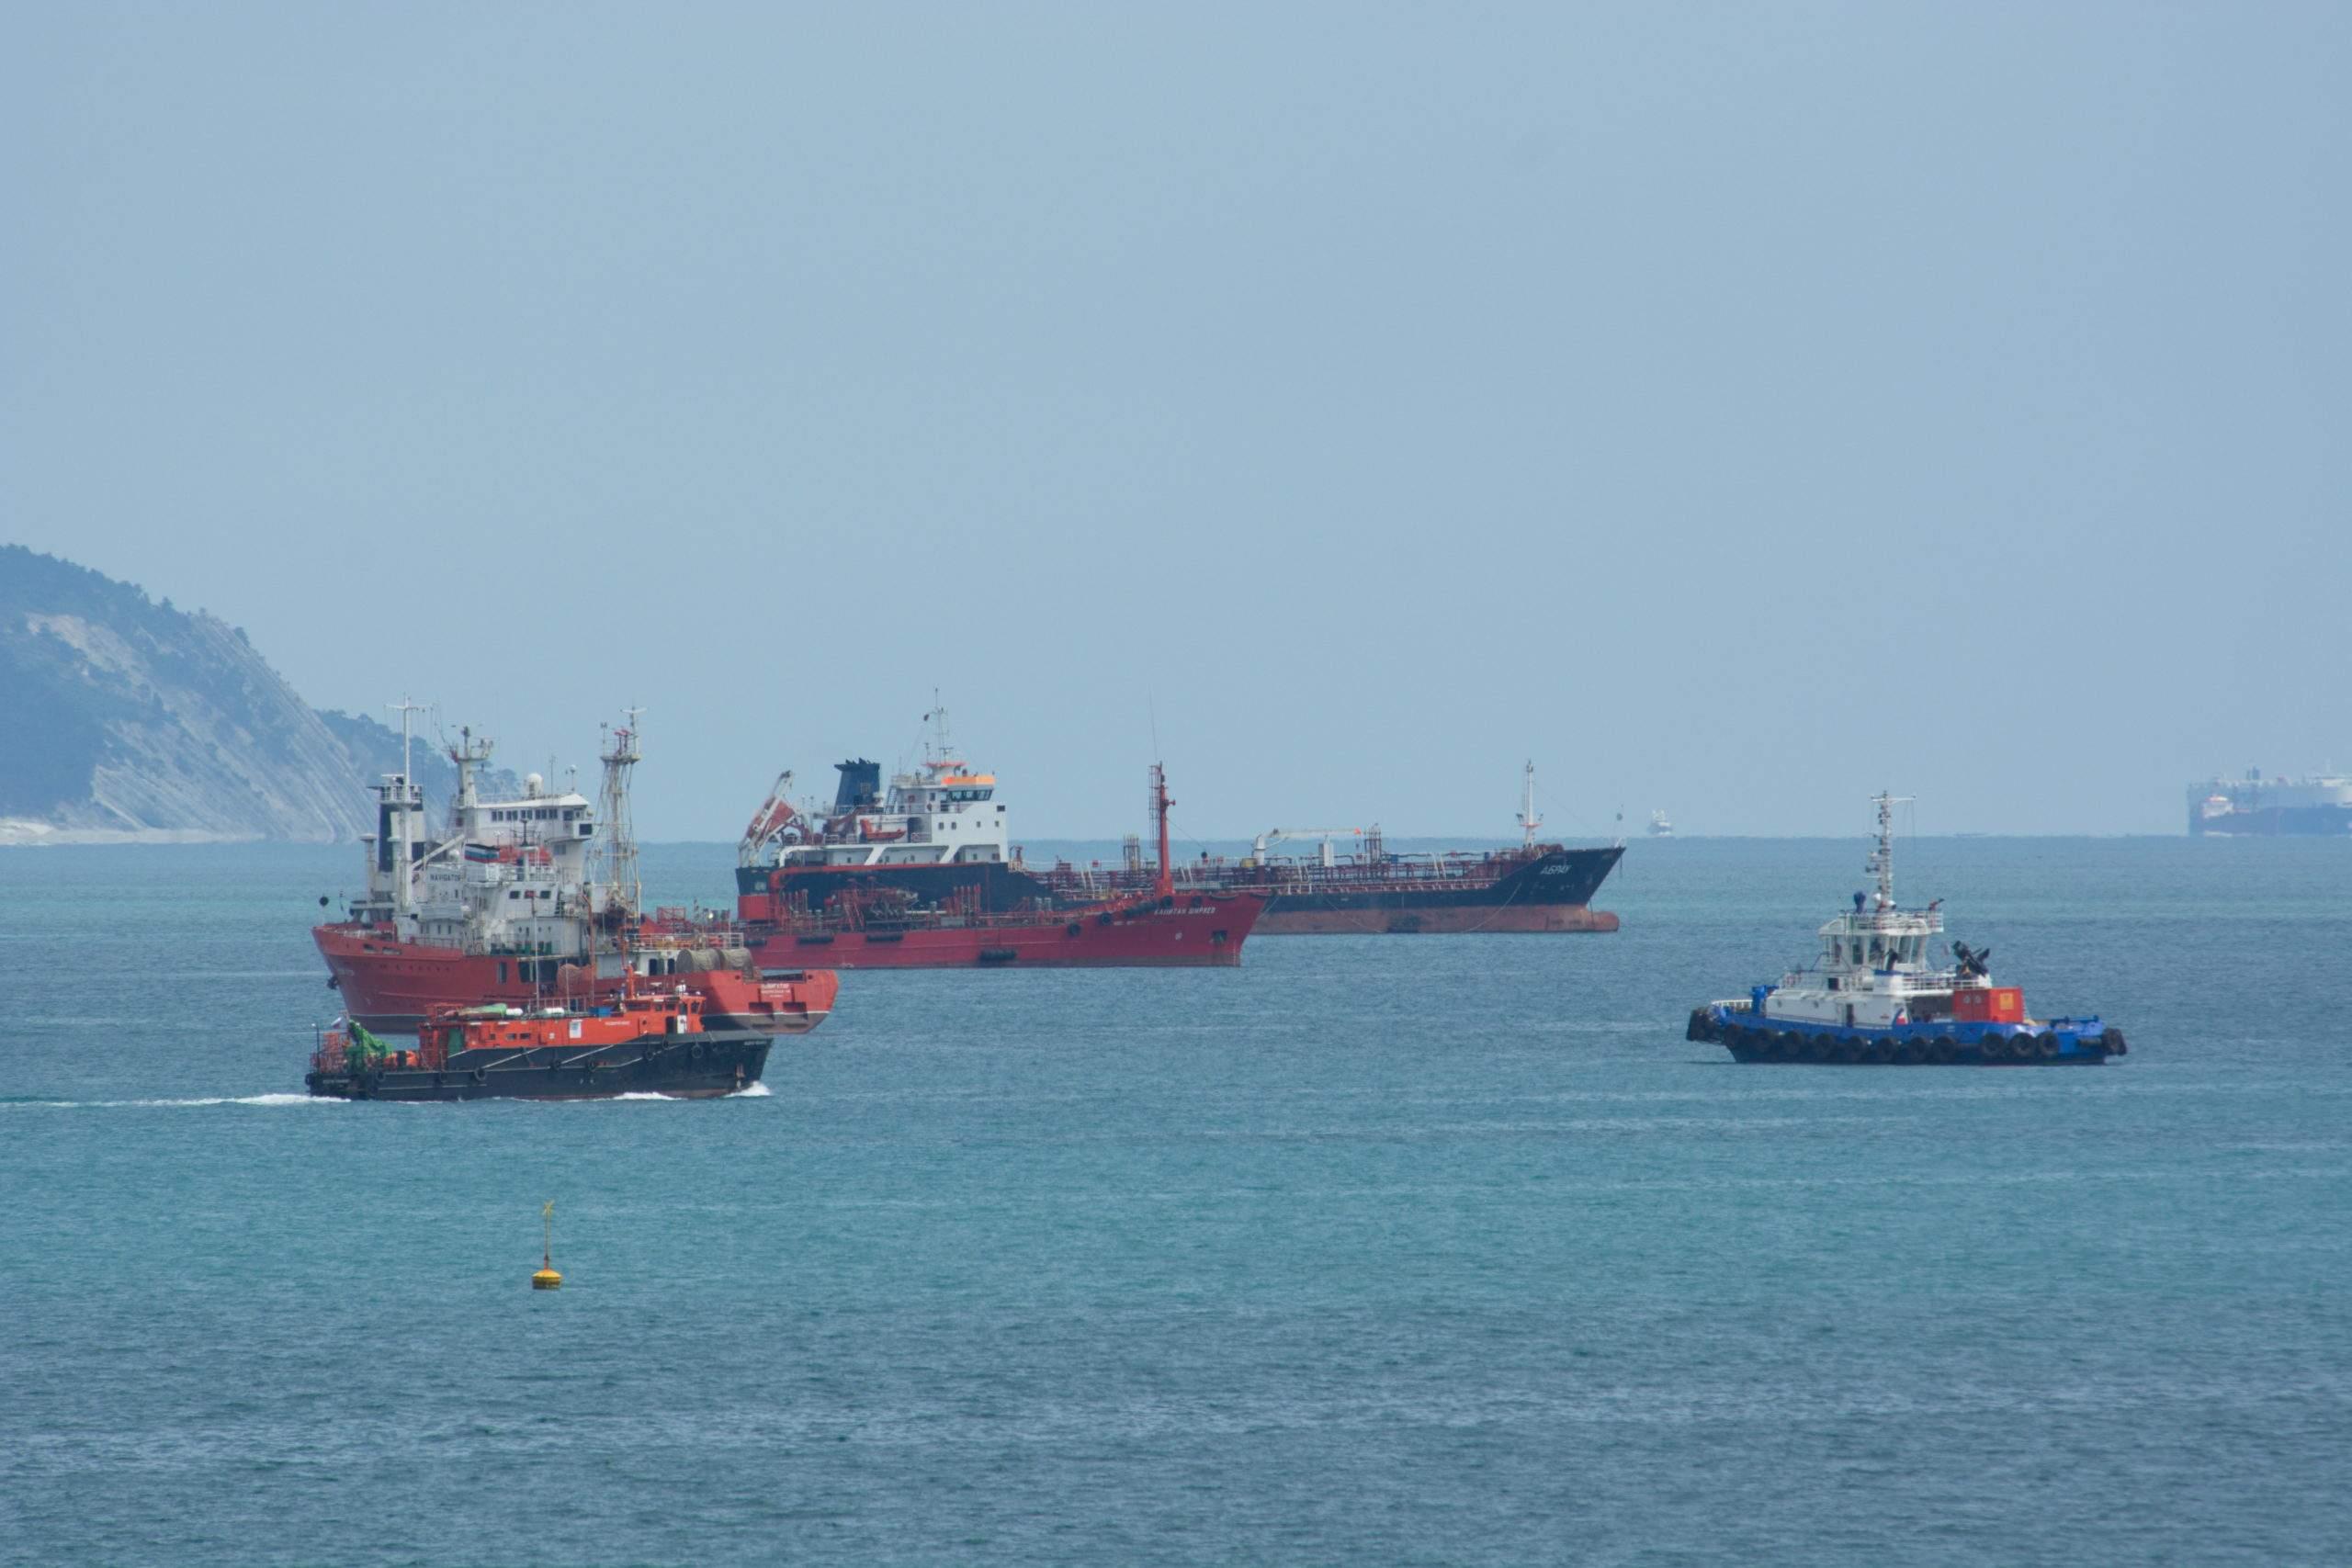 За последние шесть недель в мире произошло несколько кораблекрушений